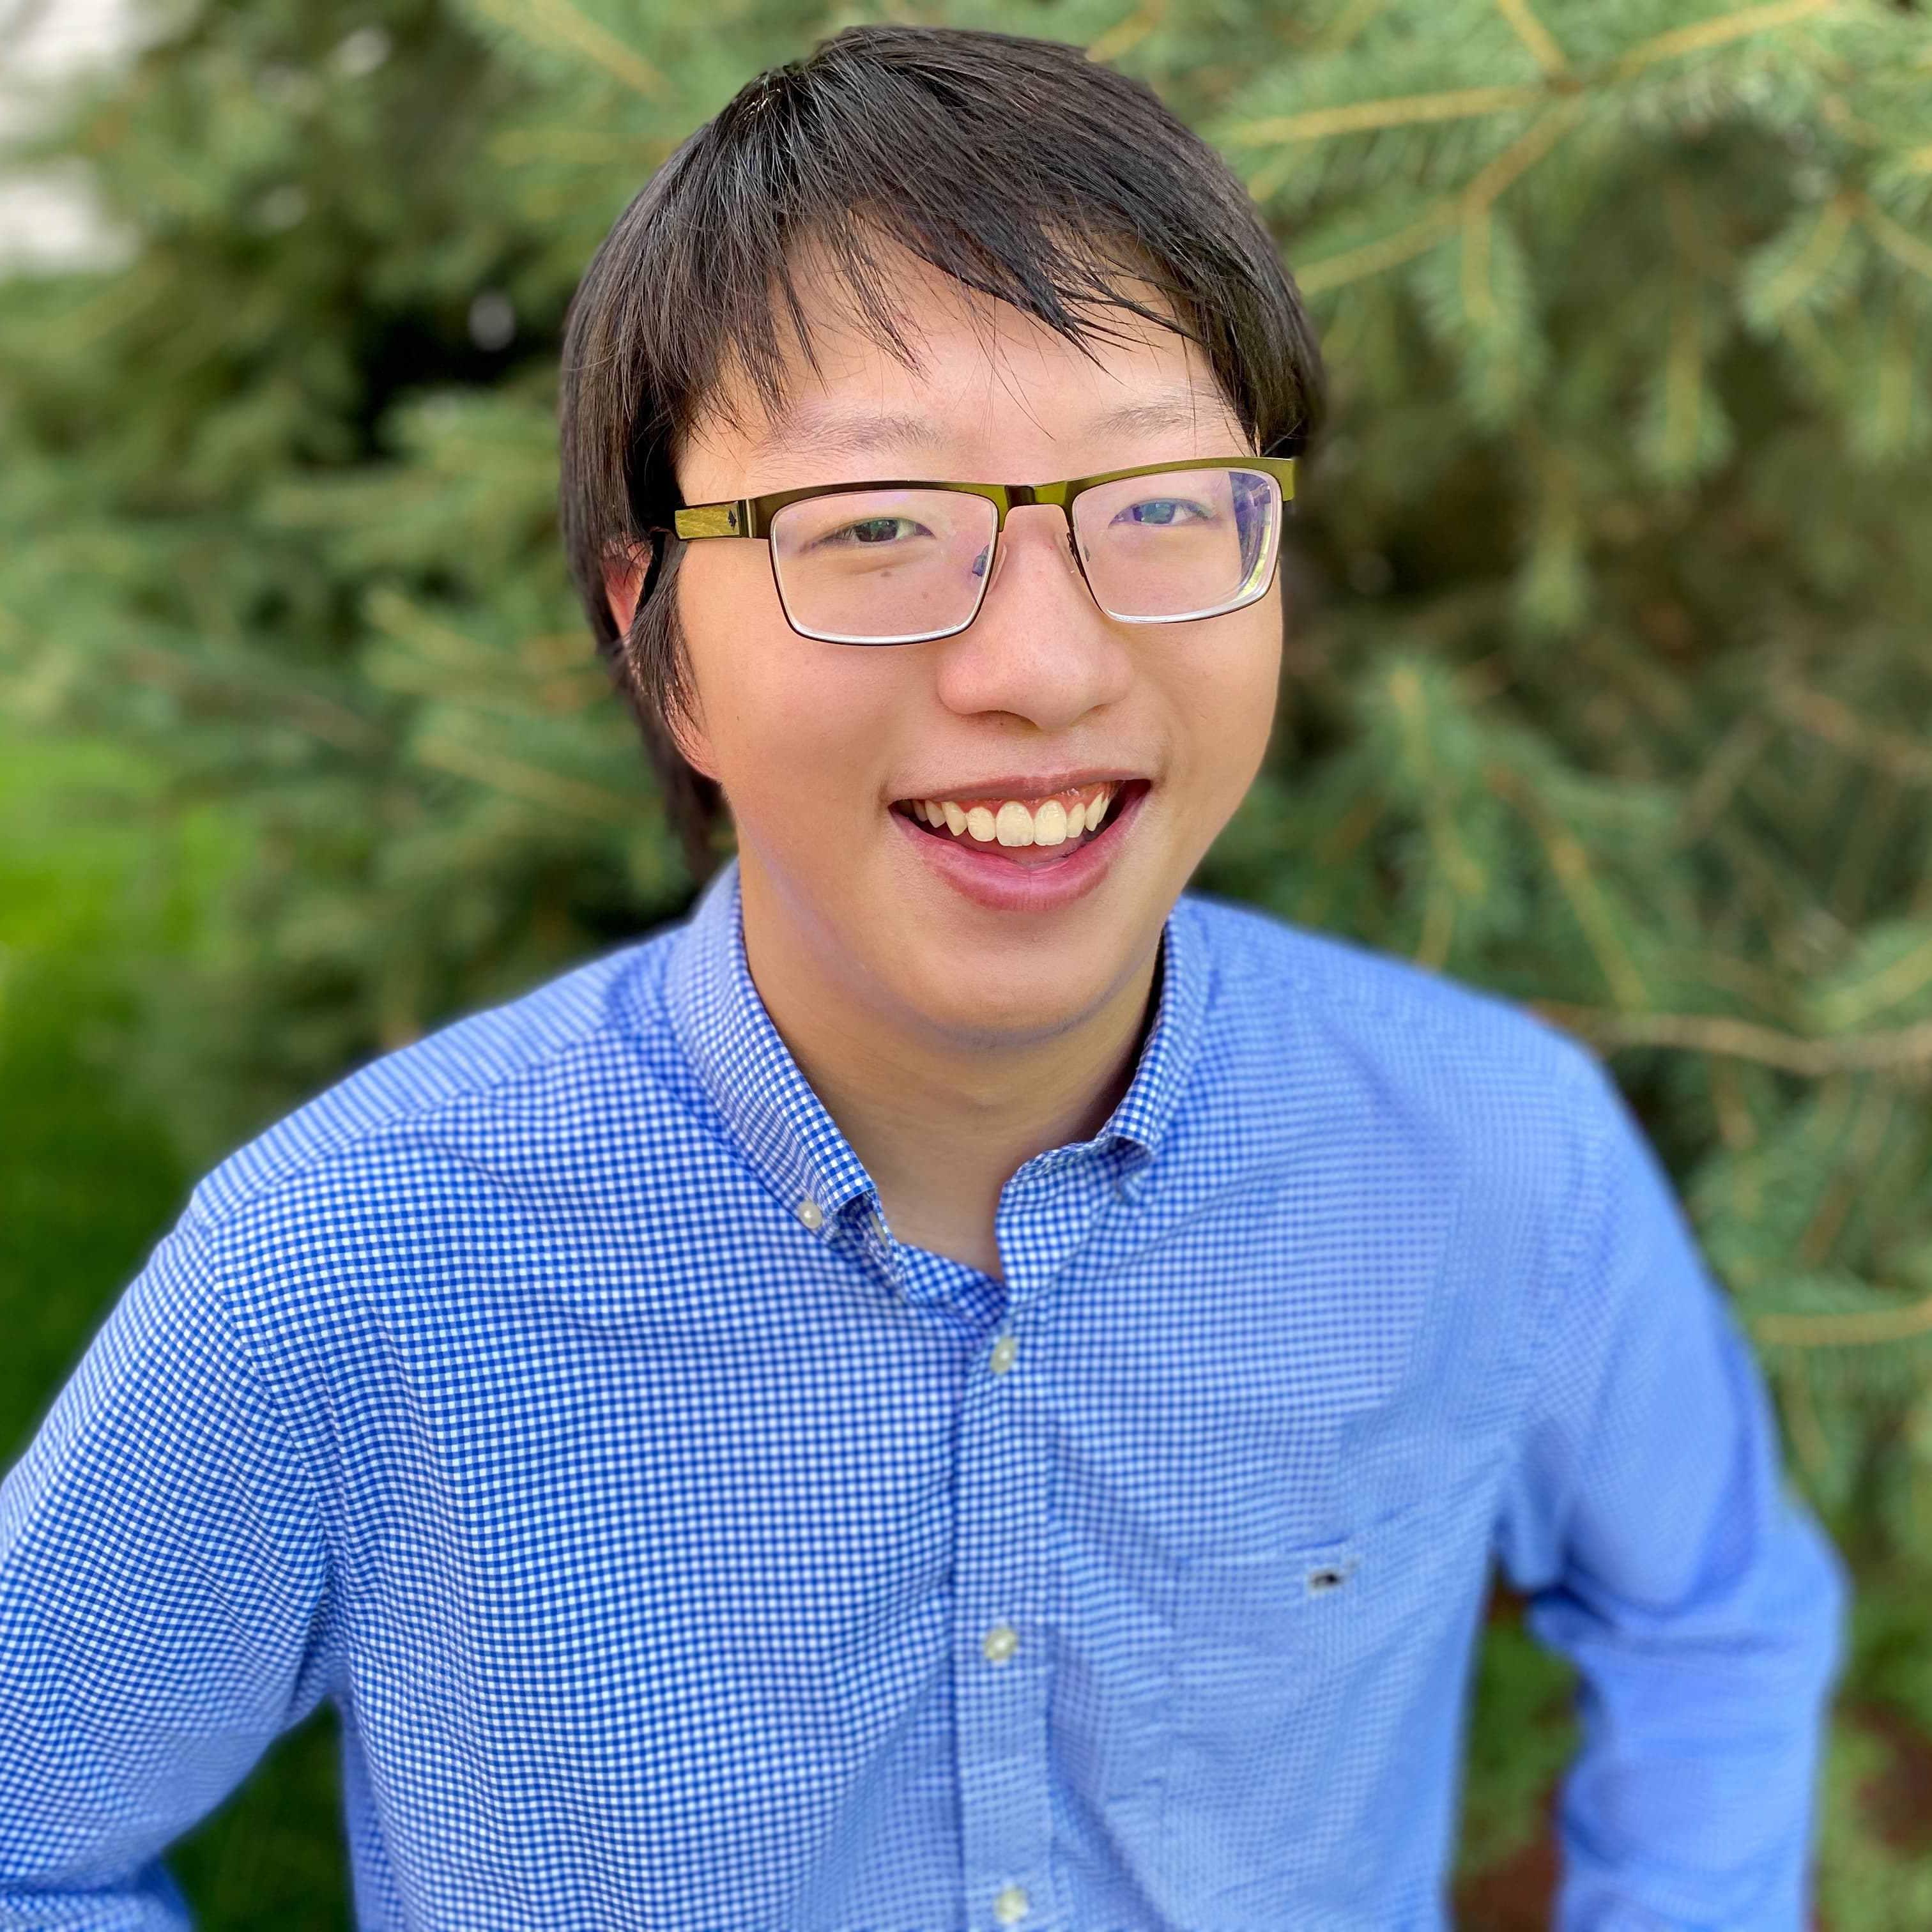 IMG_0251 - Matthew Huang Ding